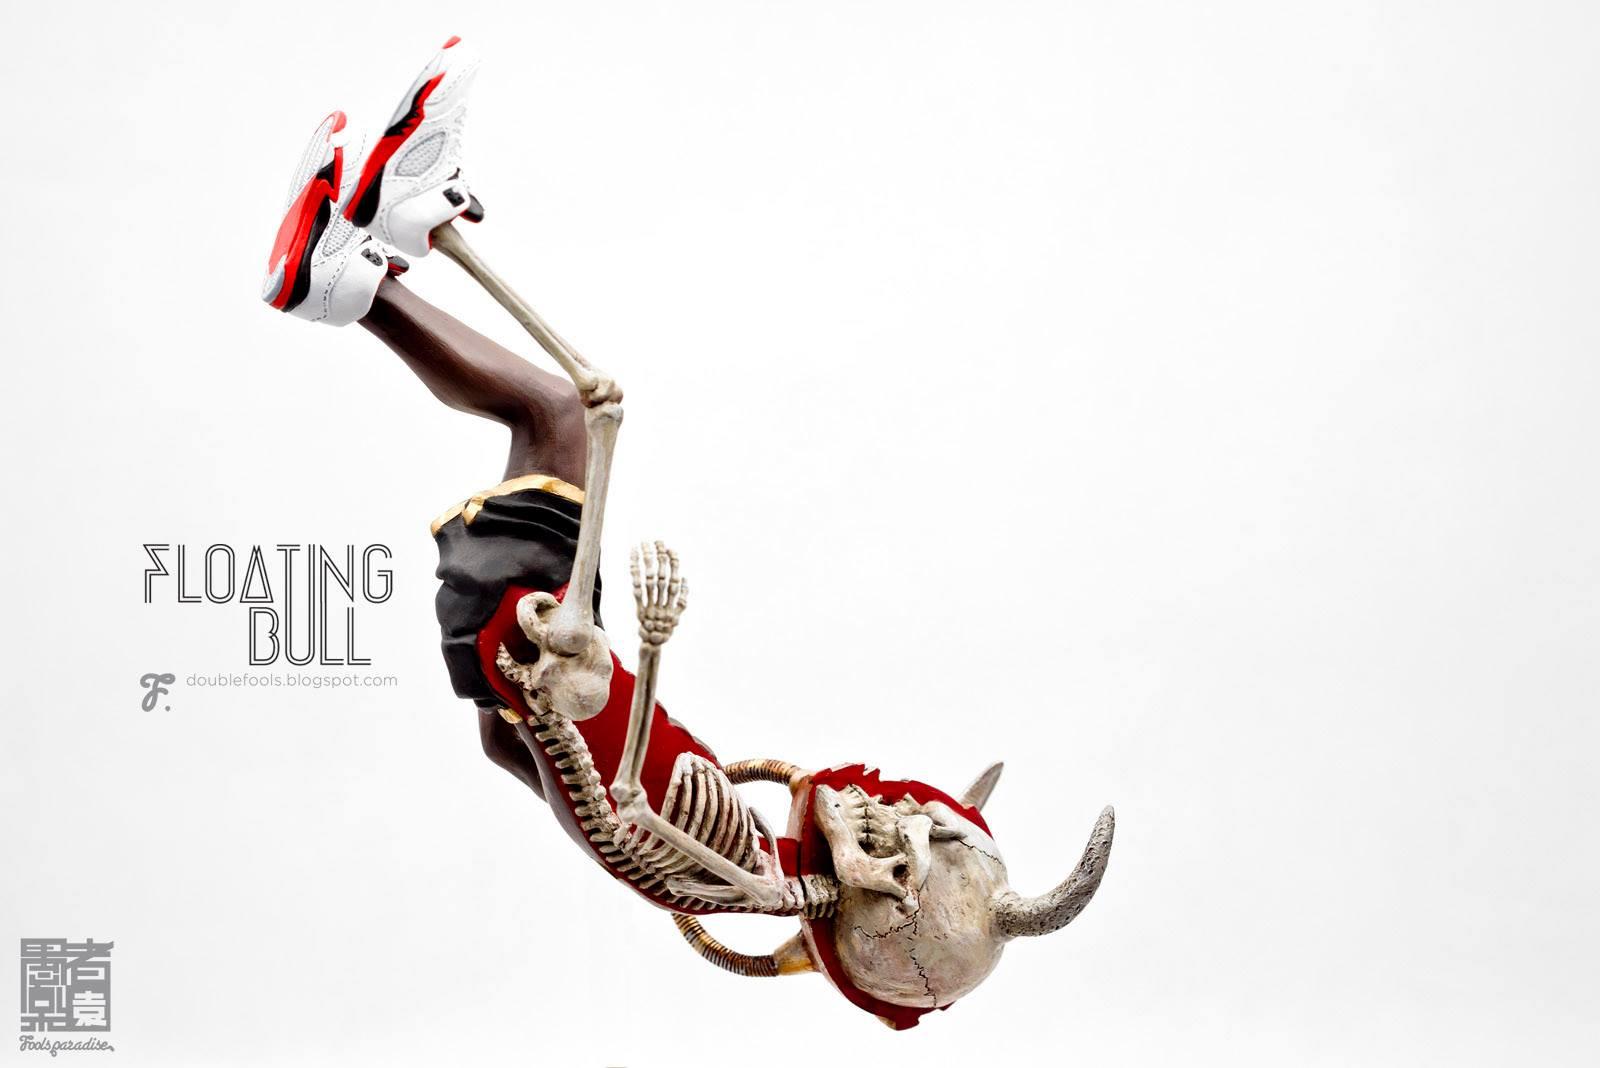 floating bull side